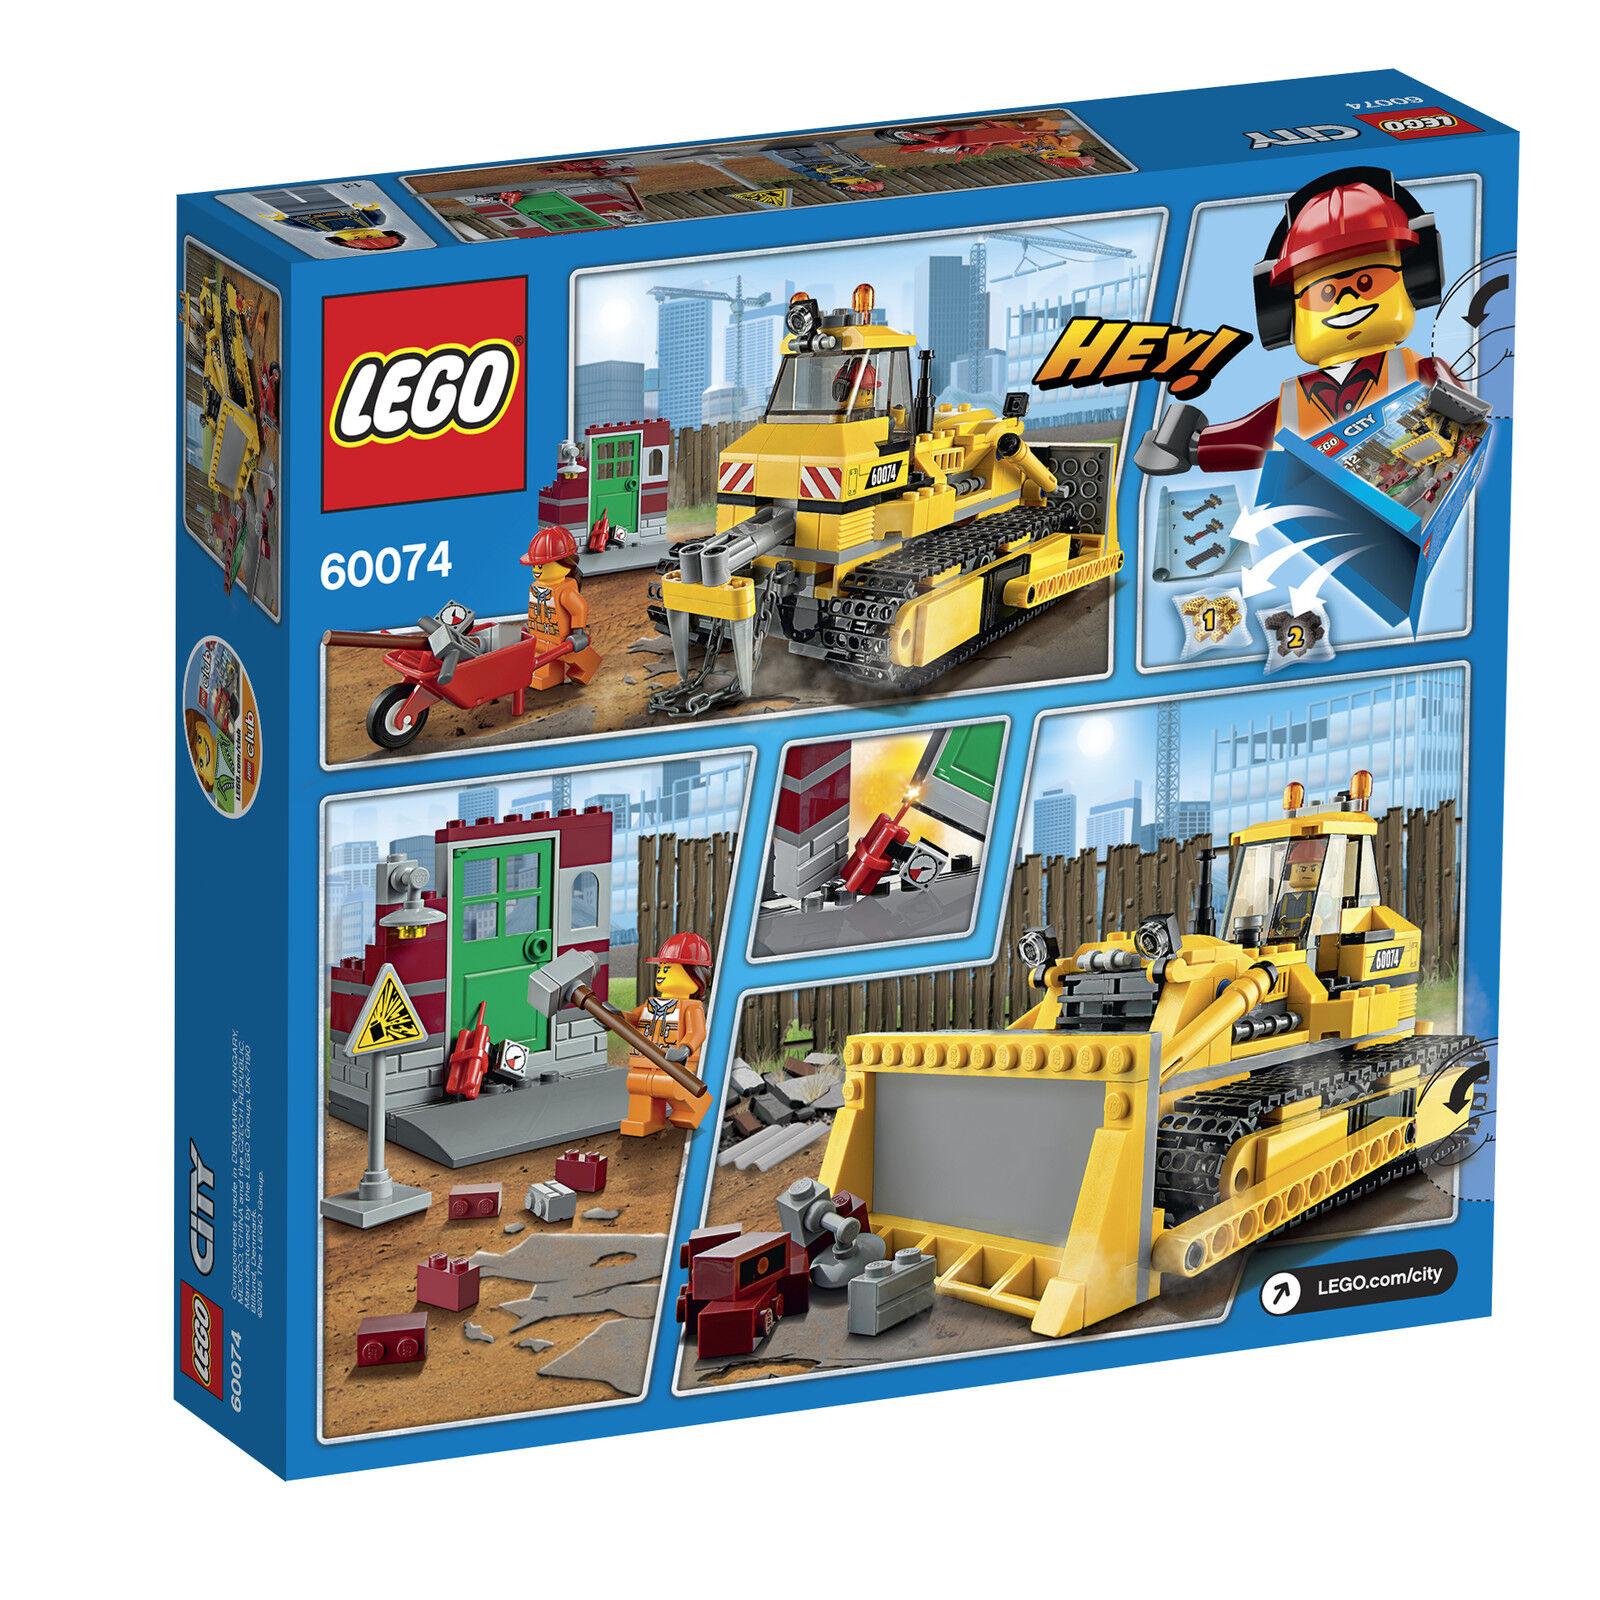 LEGO ® City 60074 Bulldozer Nouveau Nouveau Nouveau neuf dans sa boîte NEW En parfait état, dans sa boîte scellée Boîte d'origine jamais ouverte 66521 60073 60075 ea8c4f